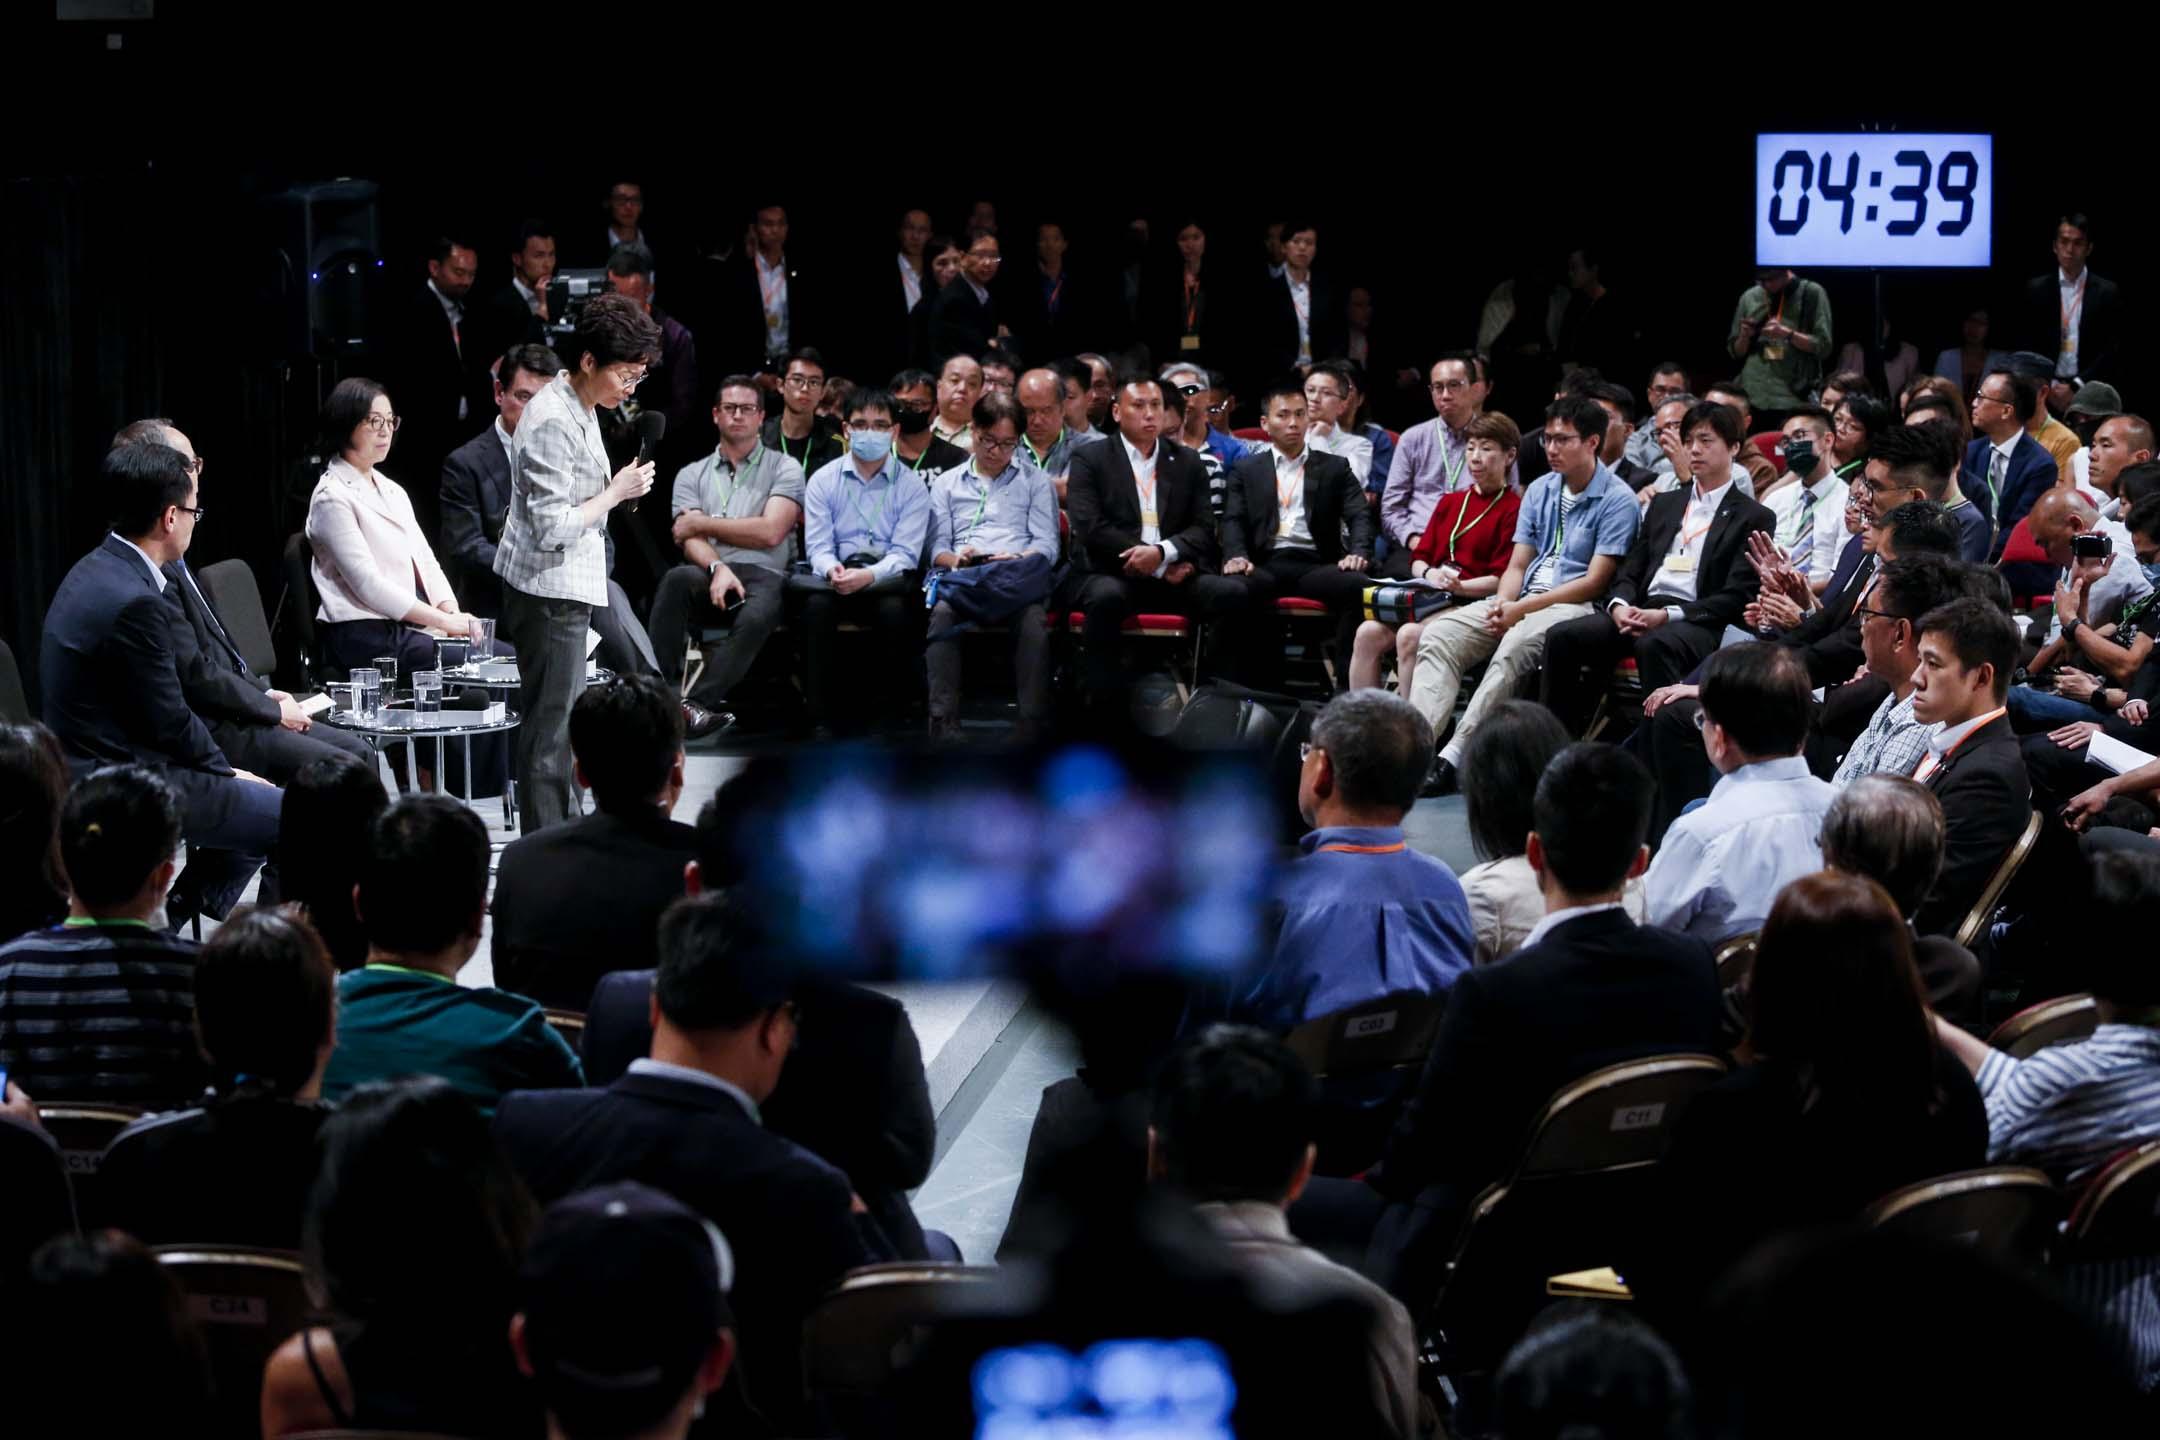 2019年9月26日,政府首場「社區對話」於灣仔伊利沙伯體育館舉行,林鄭月娥回應市民發言。 攝:林振東/端傳媒